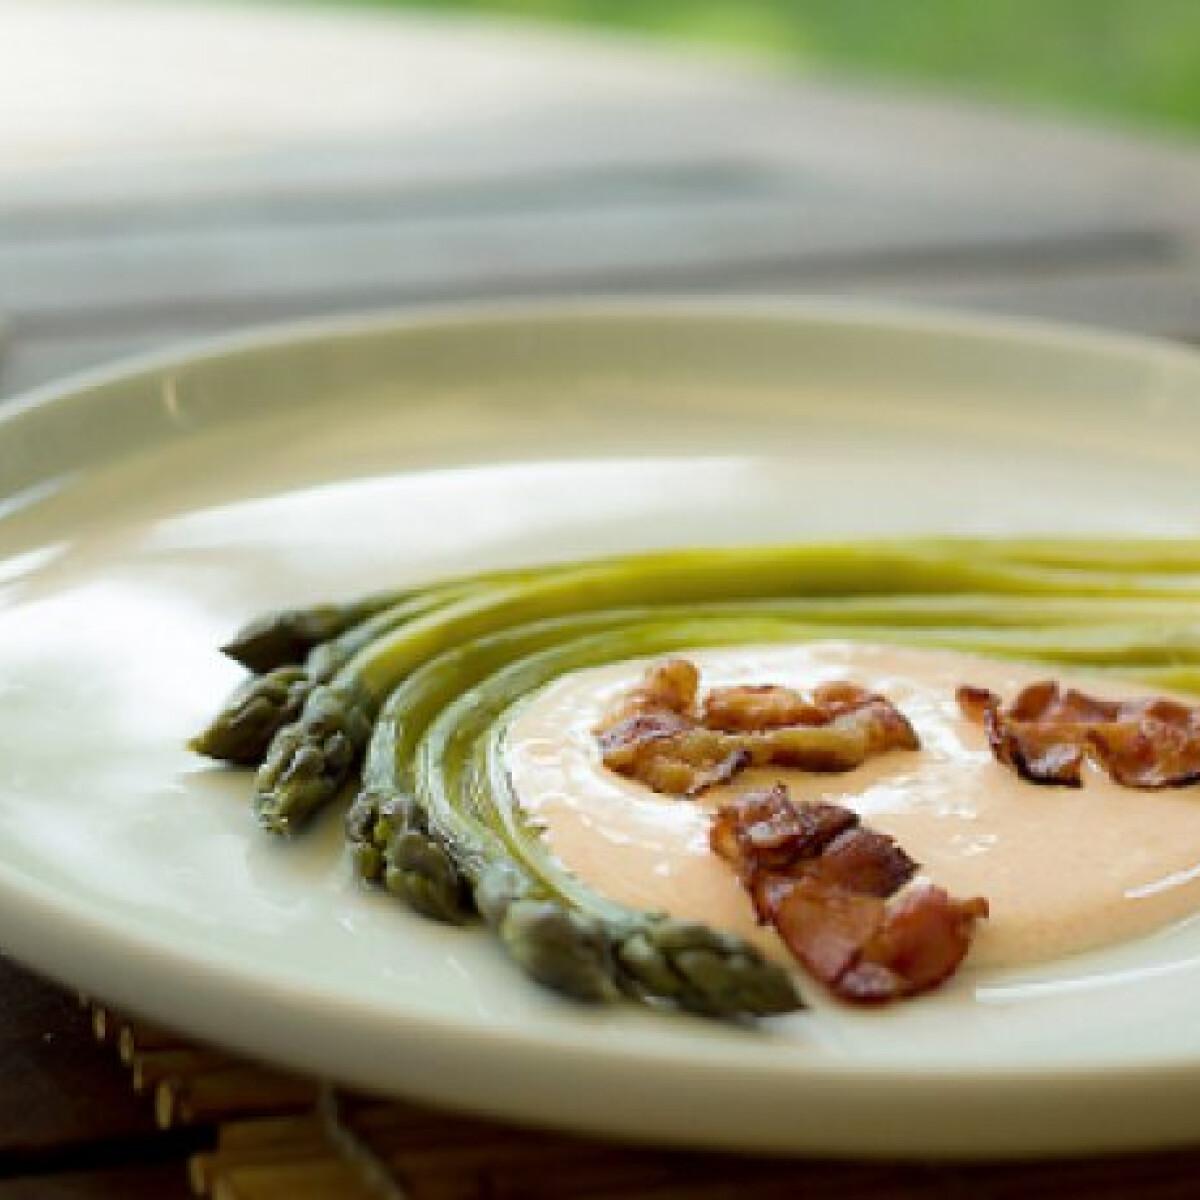 Ezen a képen: Zöldspárga csípős citromos-tejfölös mártással